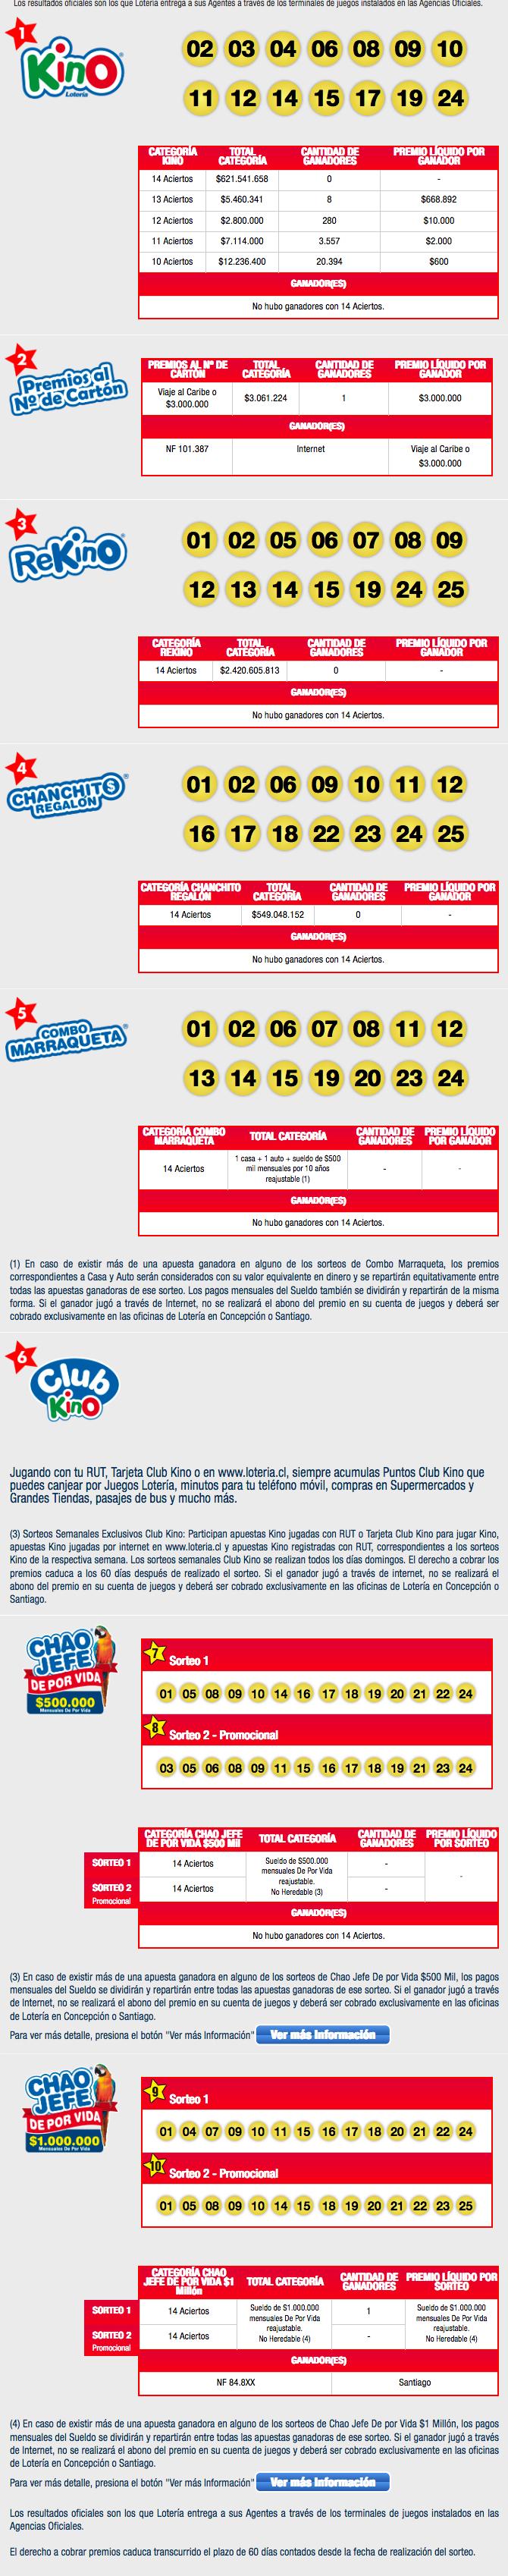 Resultados Kino Chile Sorteo 2008